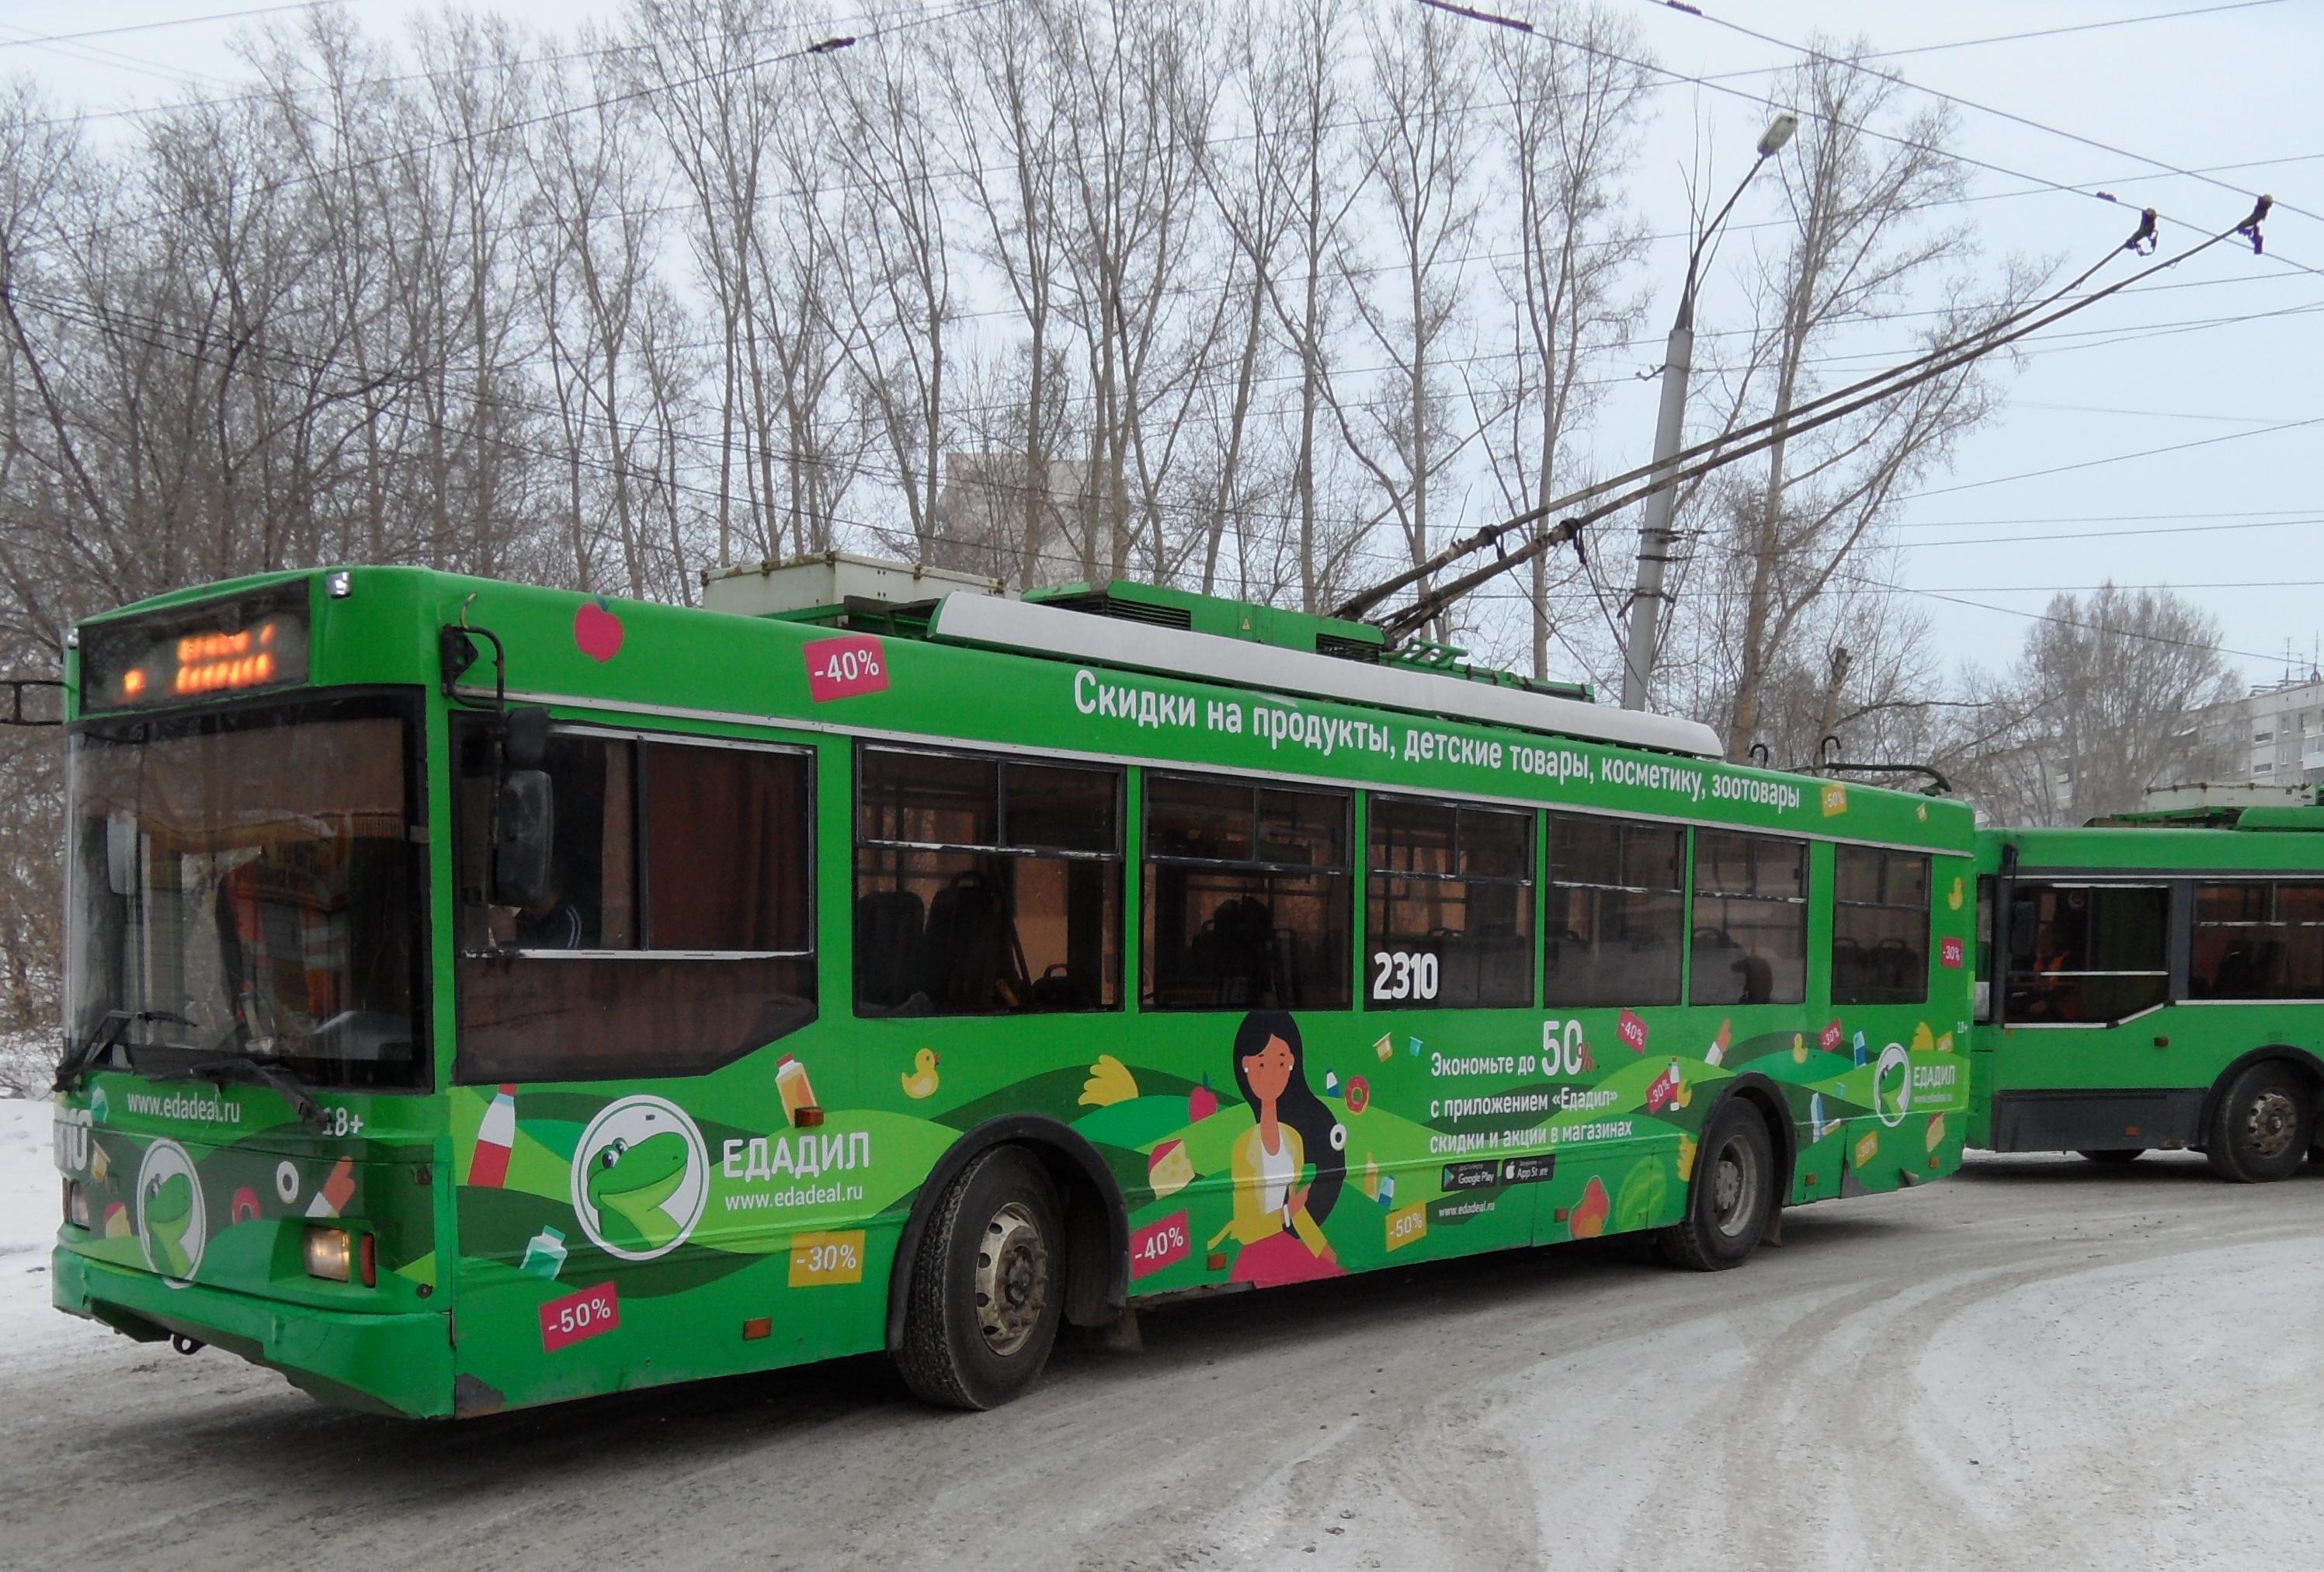 Реклама на транспорте  обеспечит контакт сообщения с большим количеством людей в определенной локации города